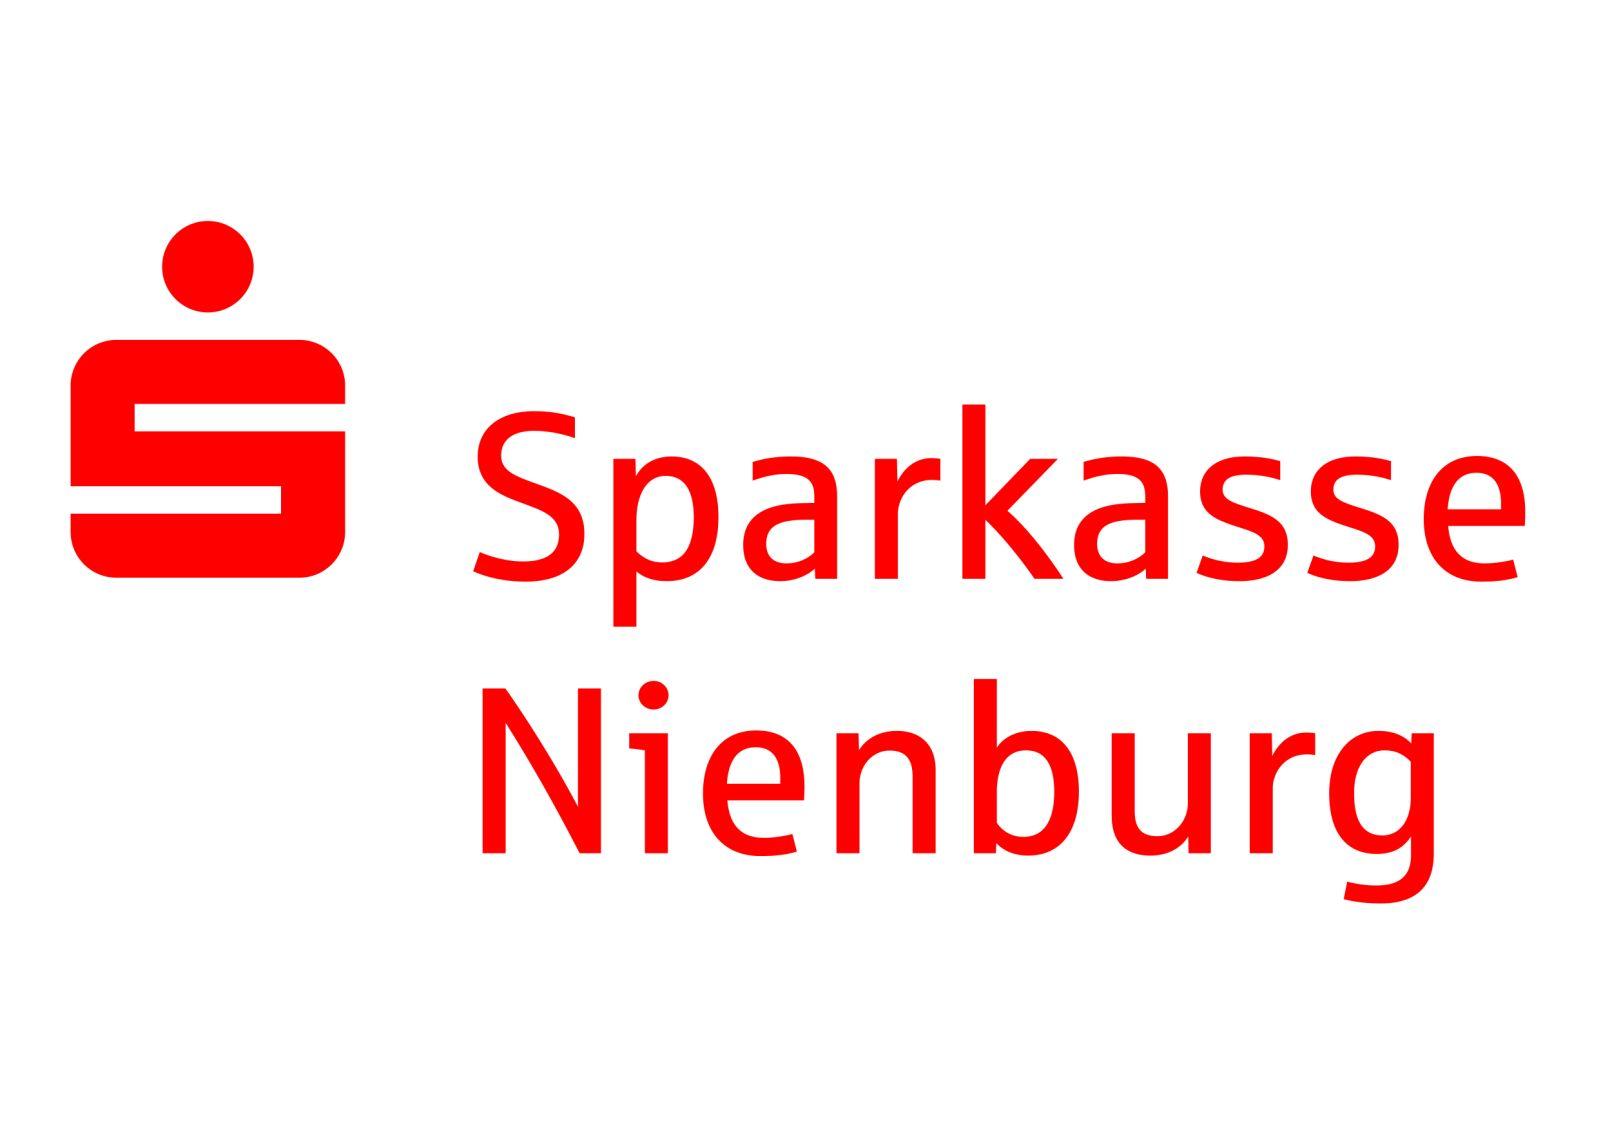 915146514_21501_logo_2013_sparkasse_nienburg_kleiner.jpg